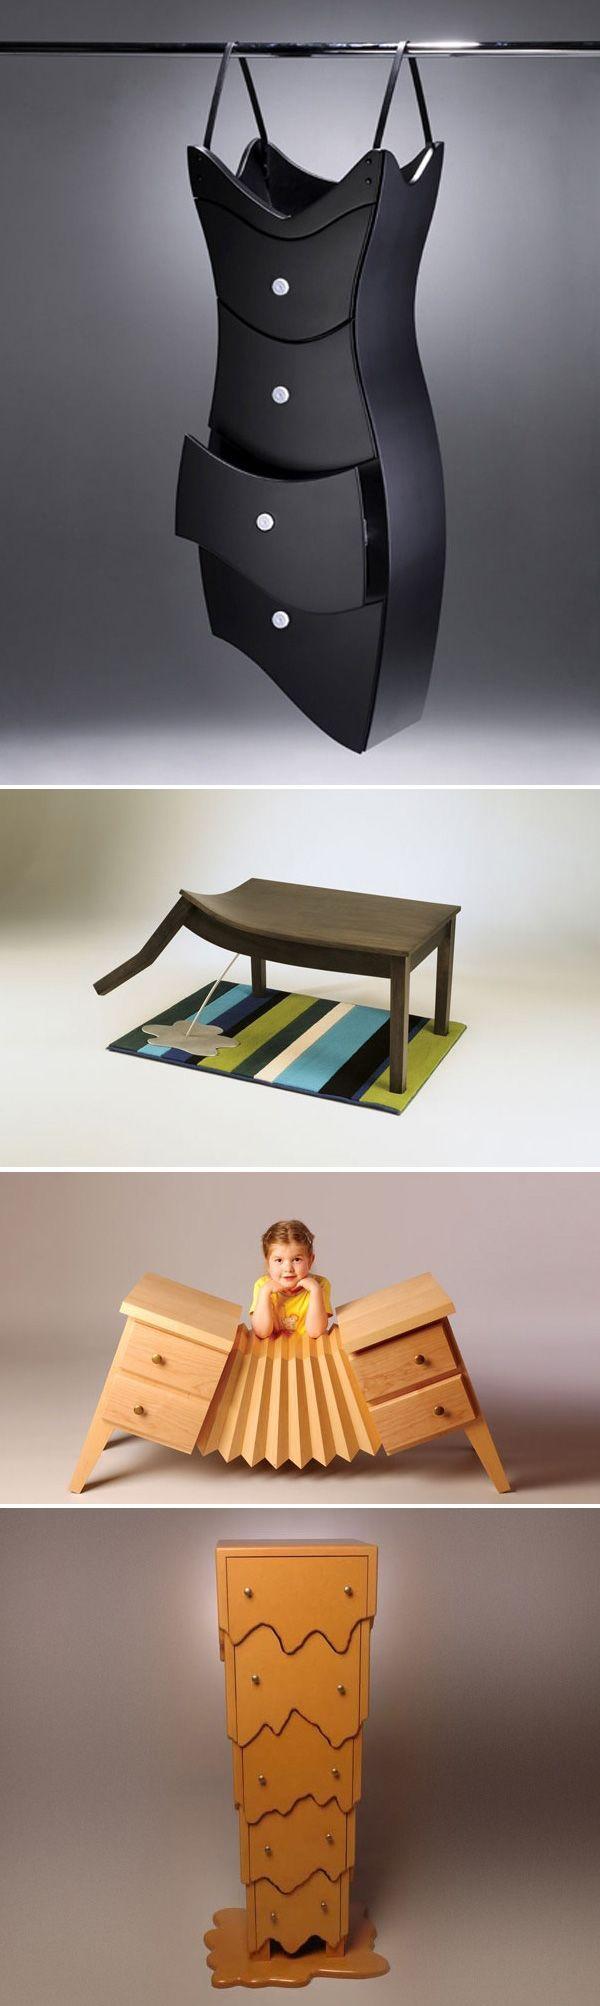 weird furniture cool bizzare random pinterest